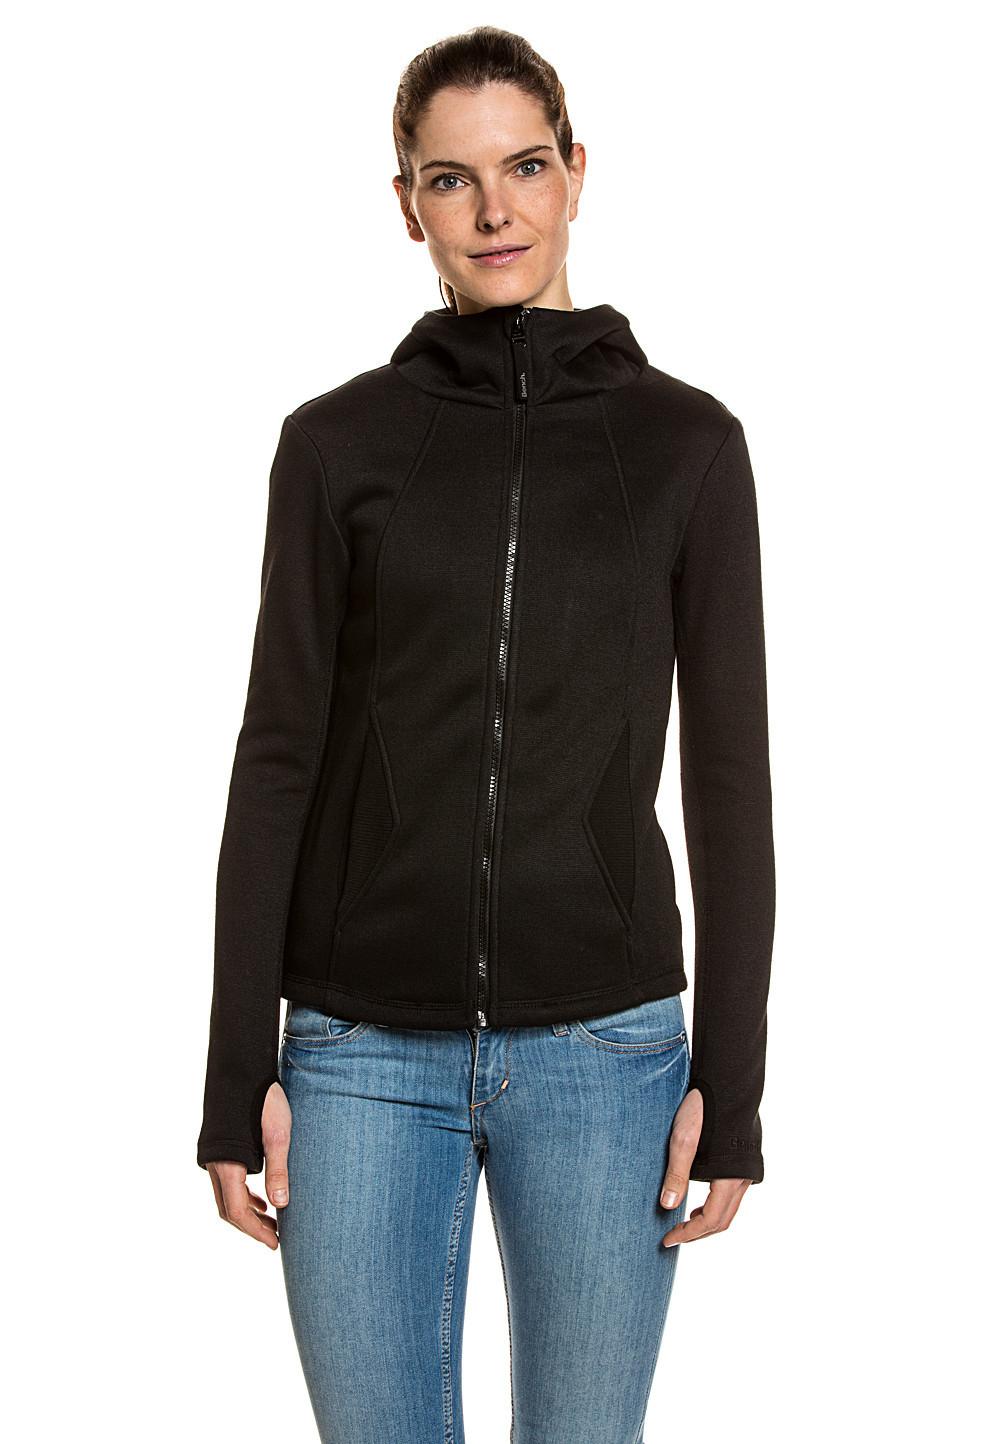 Bench Zip-Hoodie in wärmender Softshell-Qualität - nur heute!